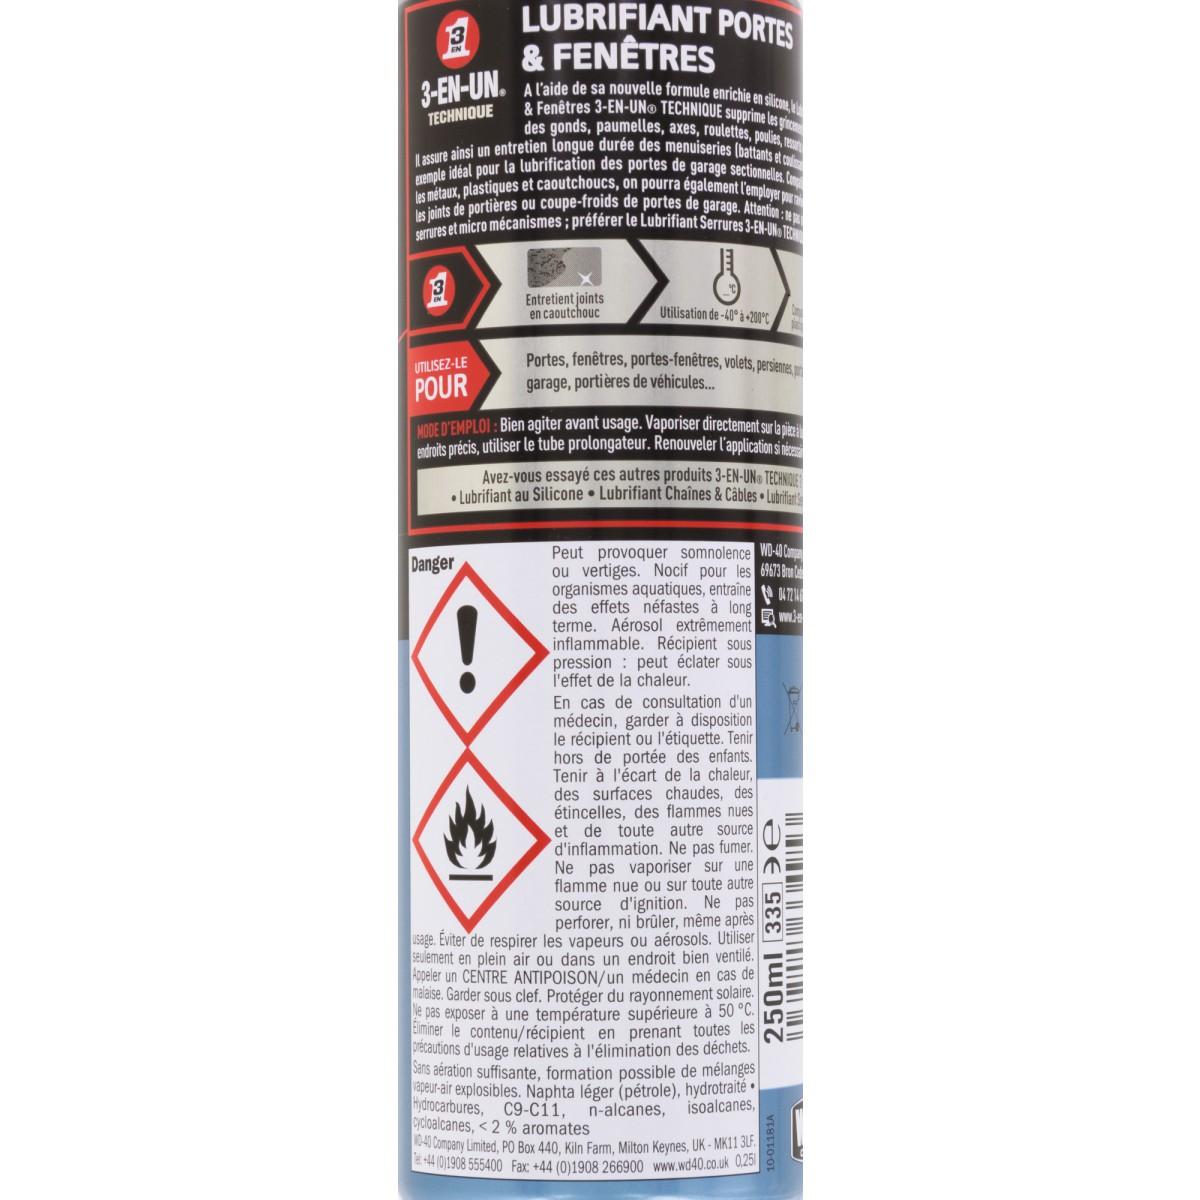 Lubrifiant portes & fenêtres 3 en 1 - Aérosol 250 ml